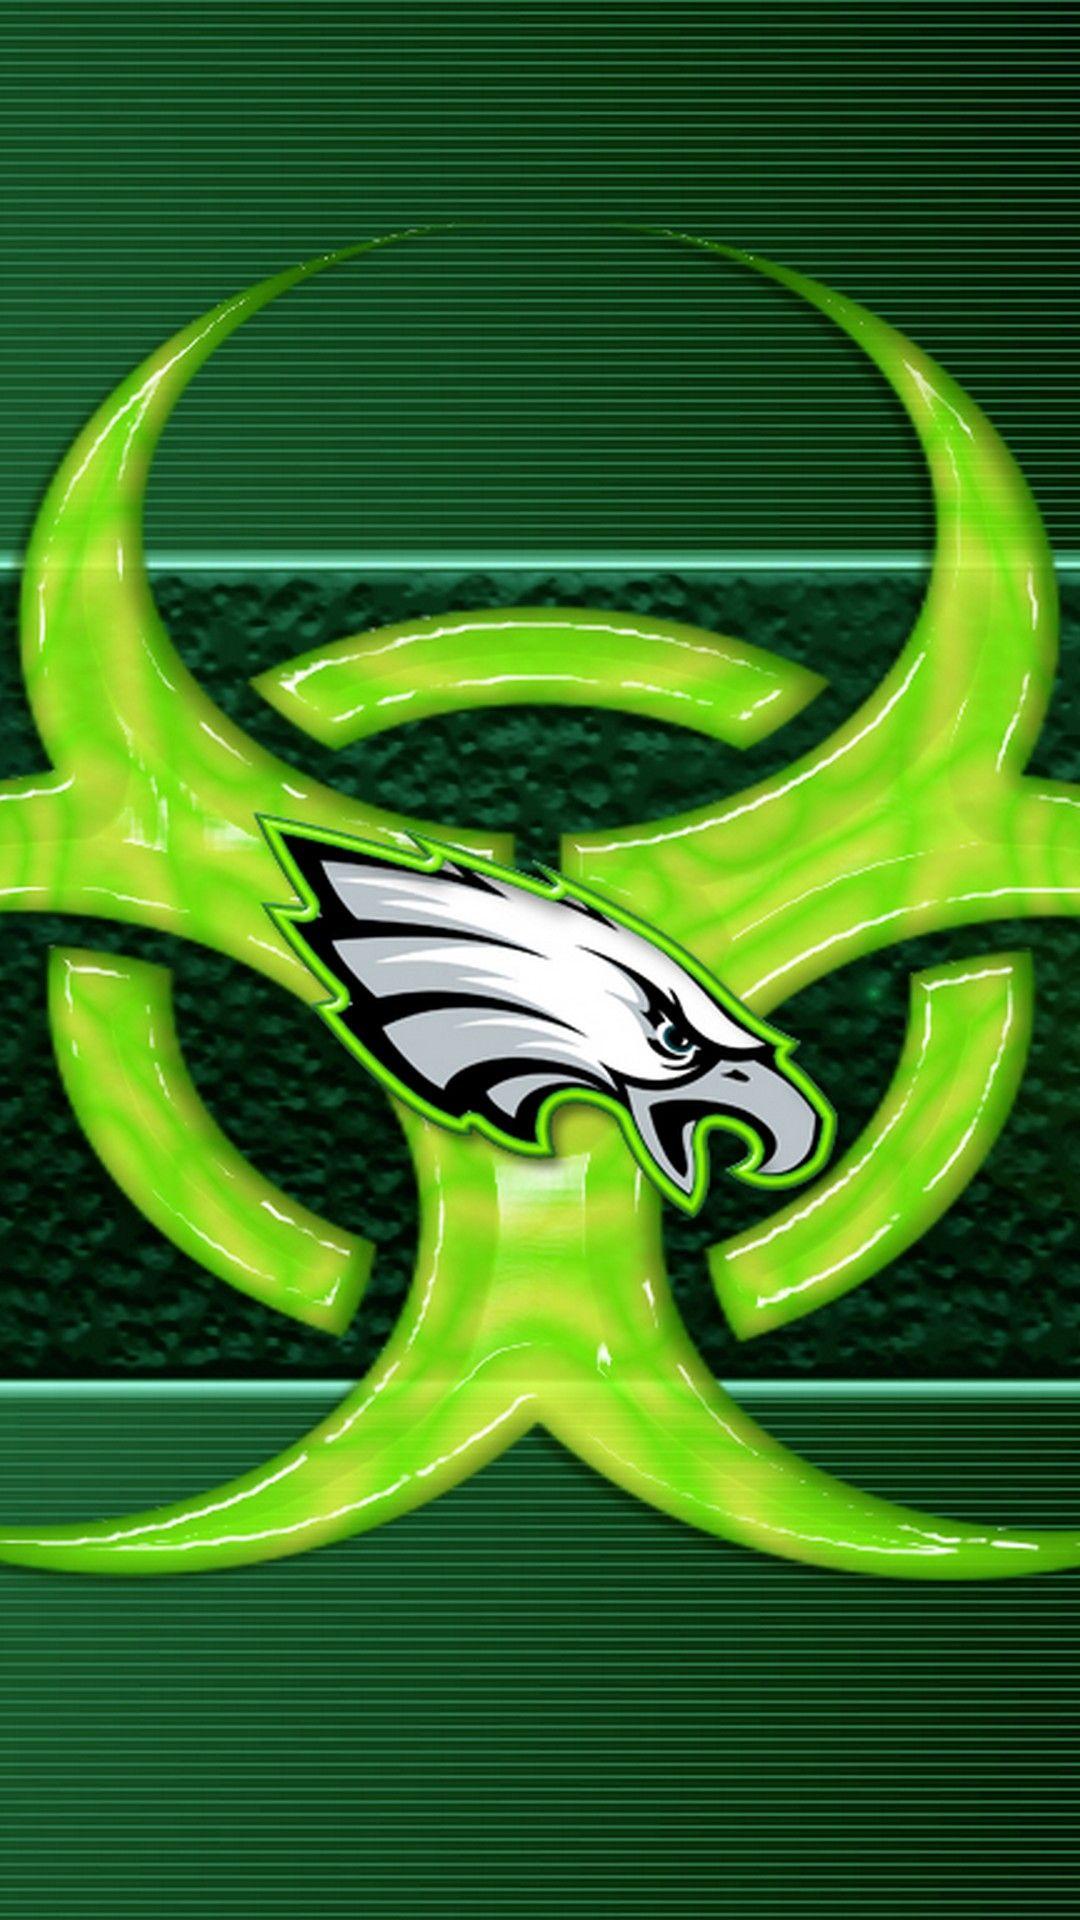 NFL Eagles Wallpaper iPhone HD Iphone wallpaper, Nfl